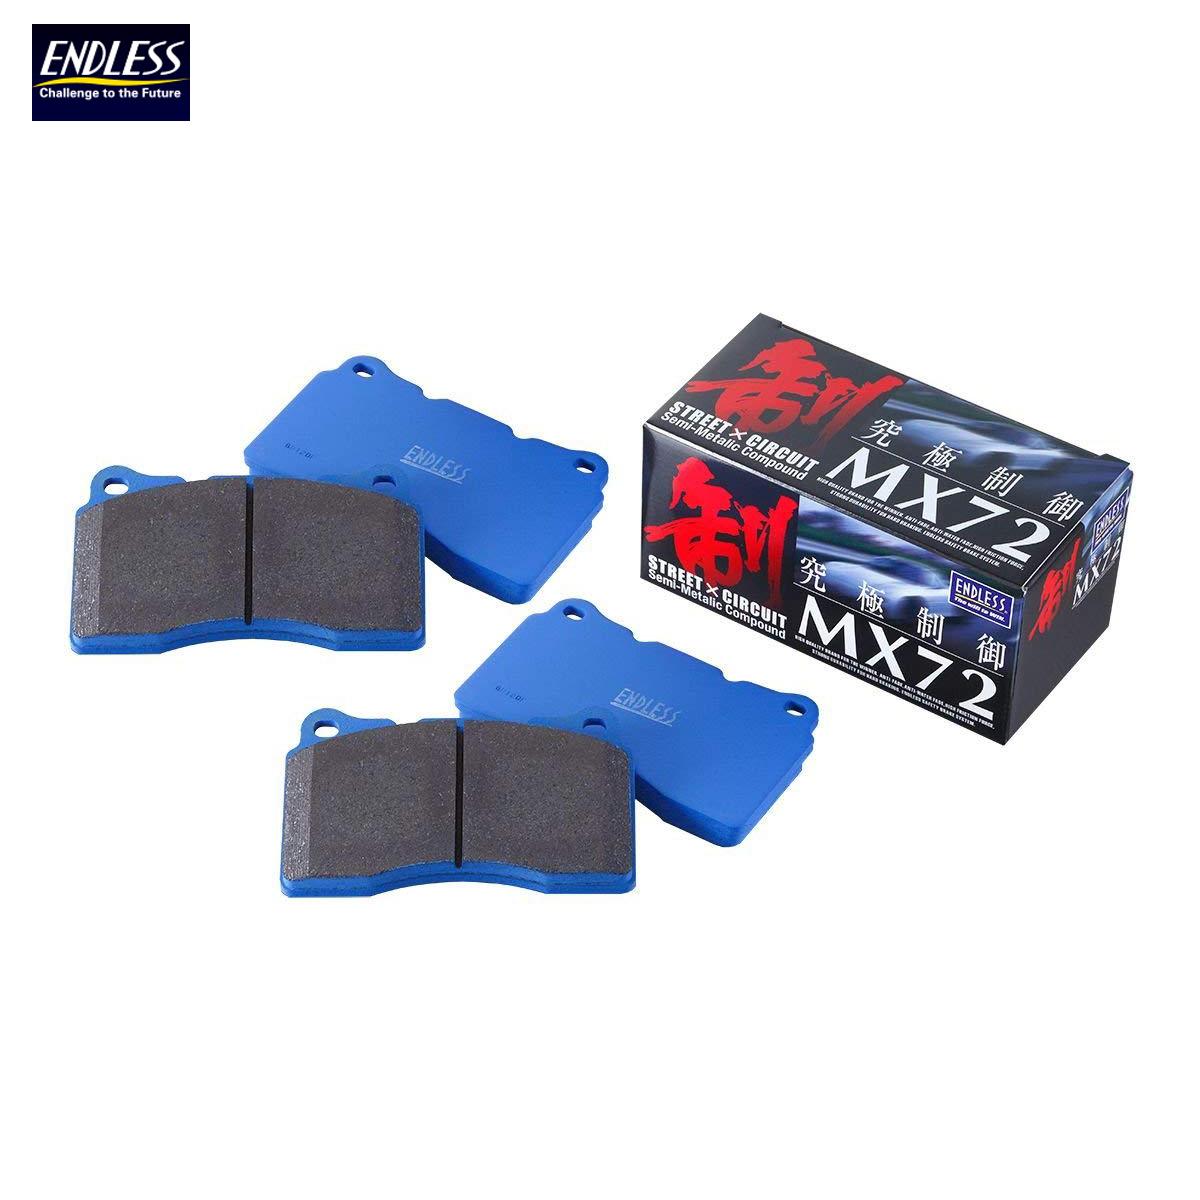 ENDLESS エンドレス ブレーキパッド MX72 フロント EP442 アルファード G's AYH30W